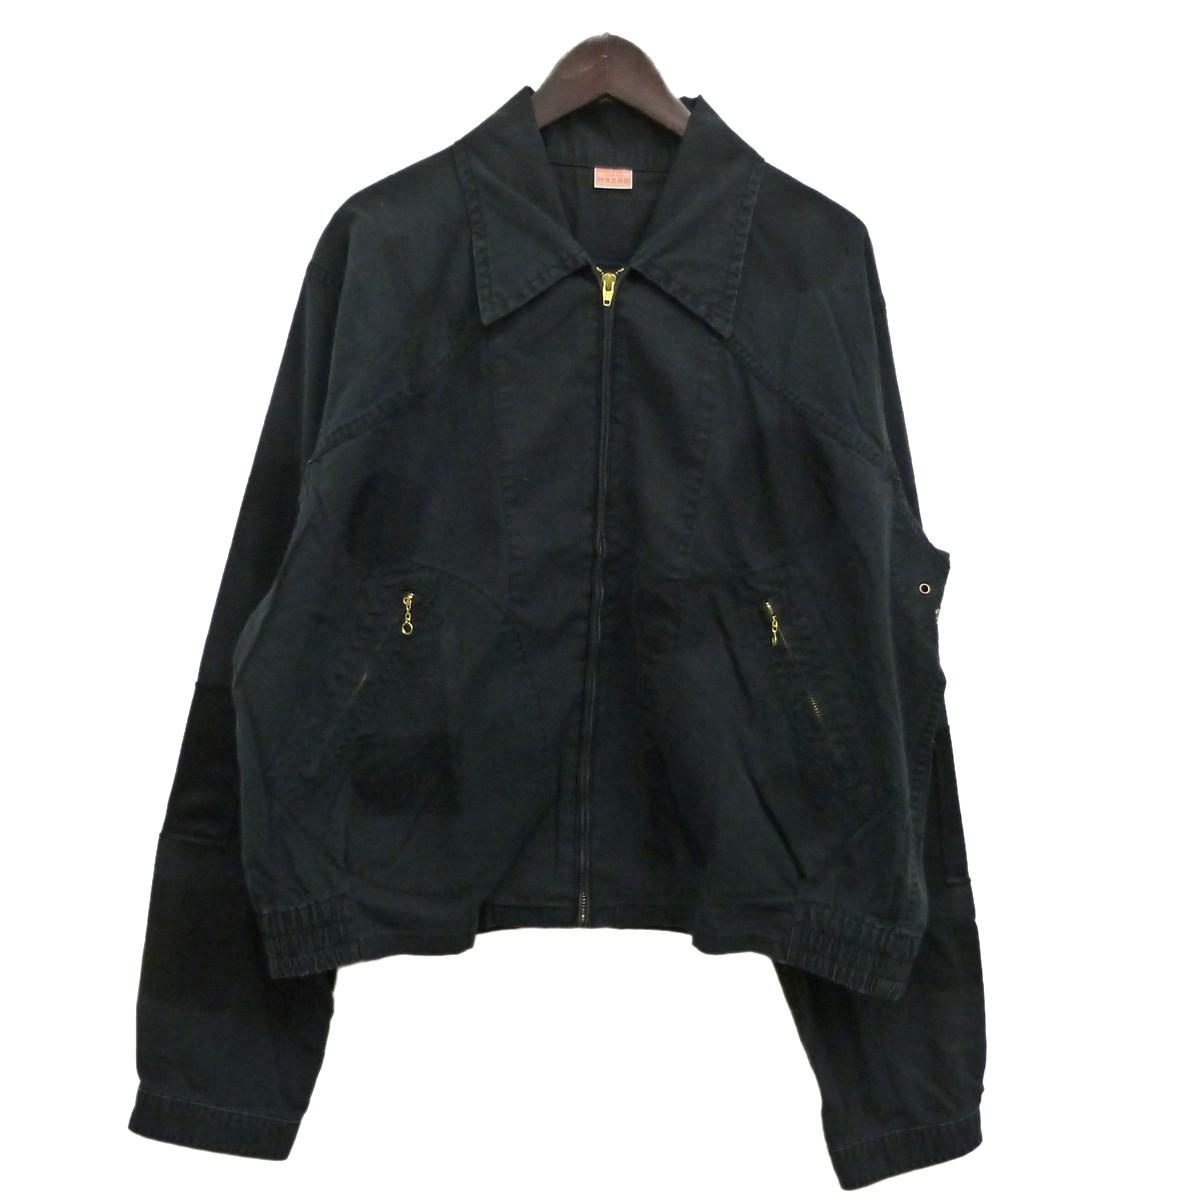 【中古】MAISON EUREKA19SS「BUEBERRY CLOTH WORK JACKET」ワークジャケット ブラック サイズ:L 【4月20日見直し】